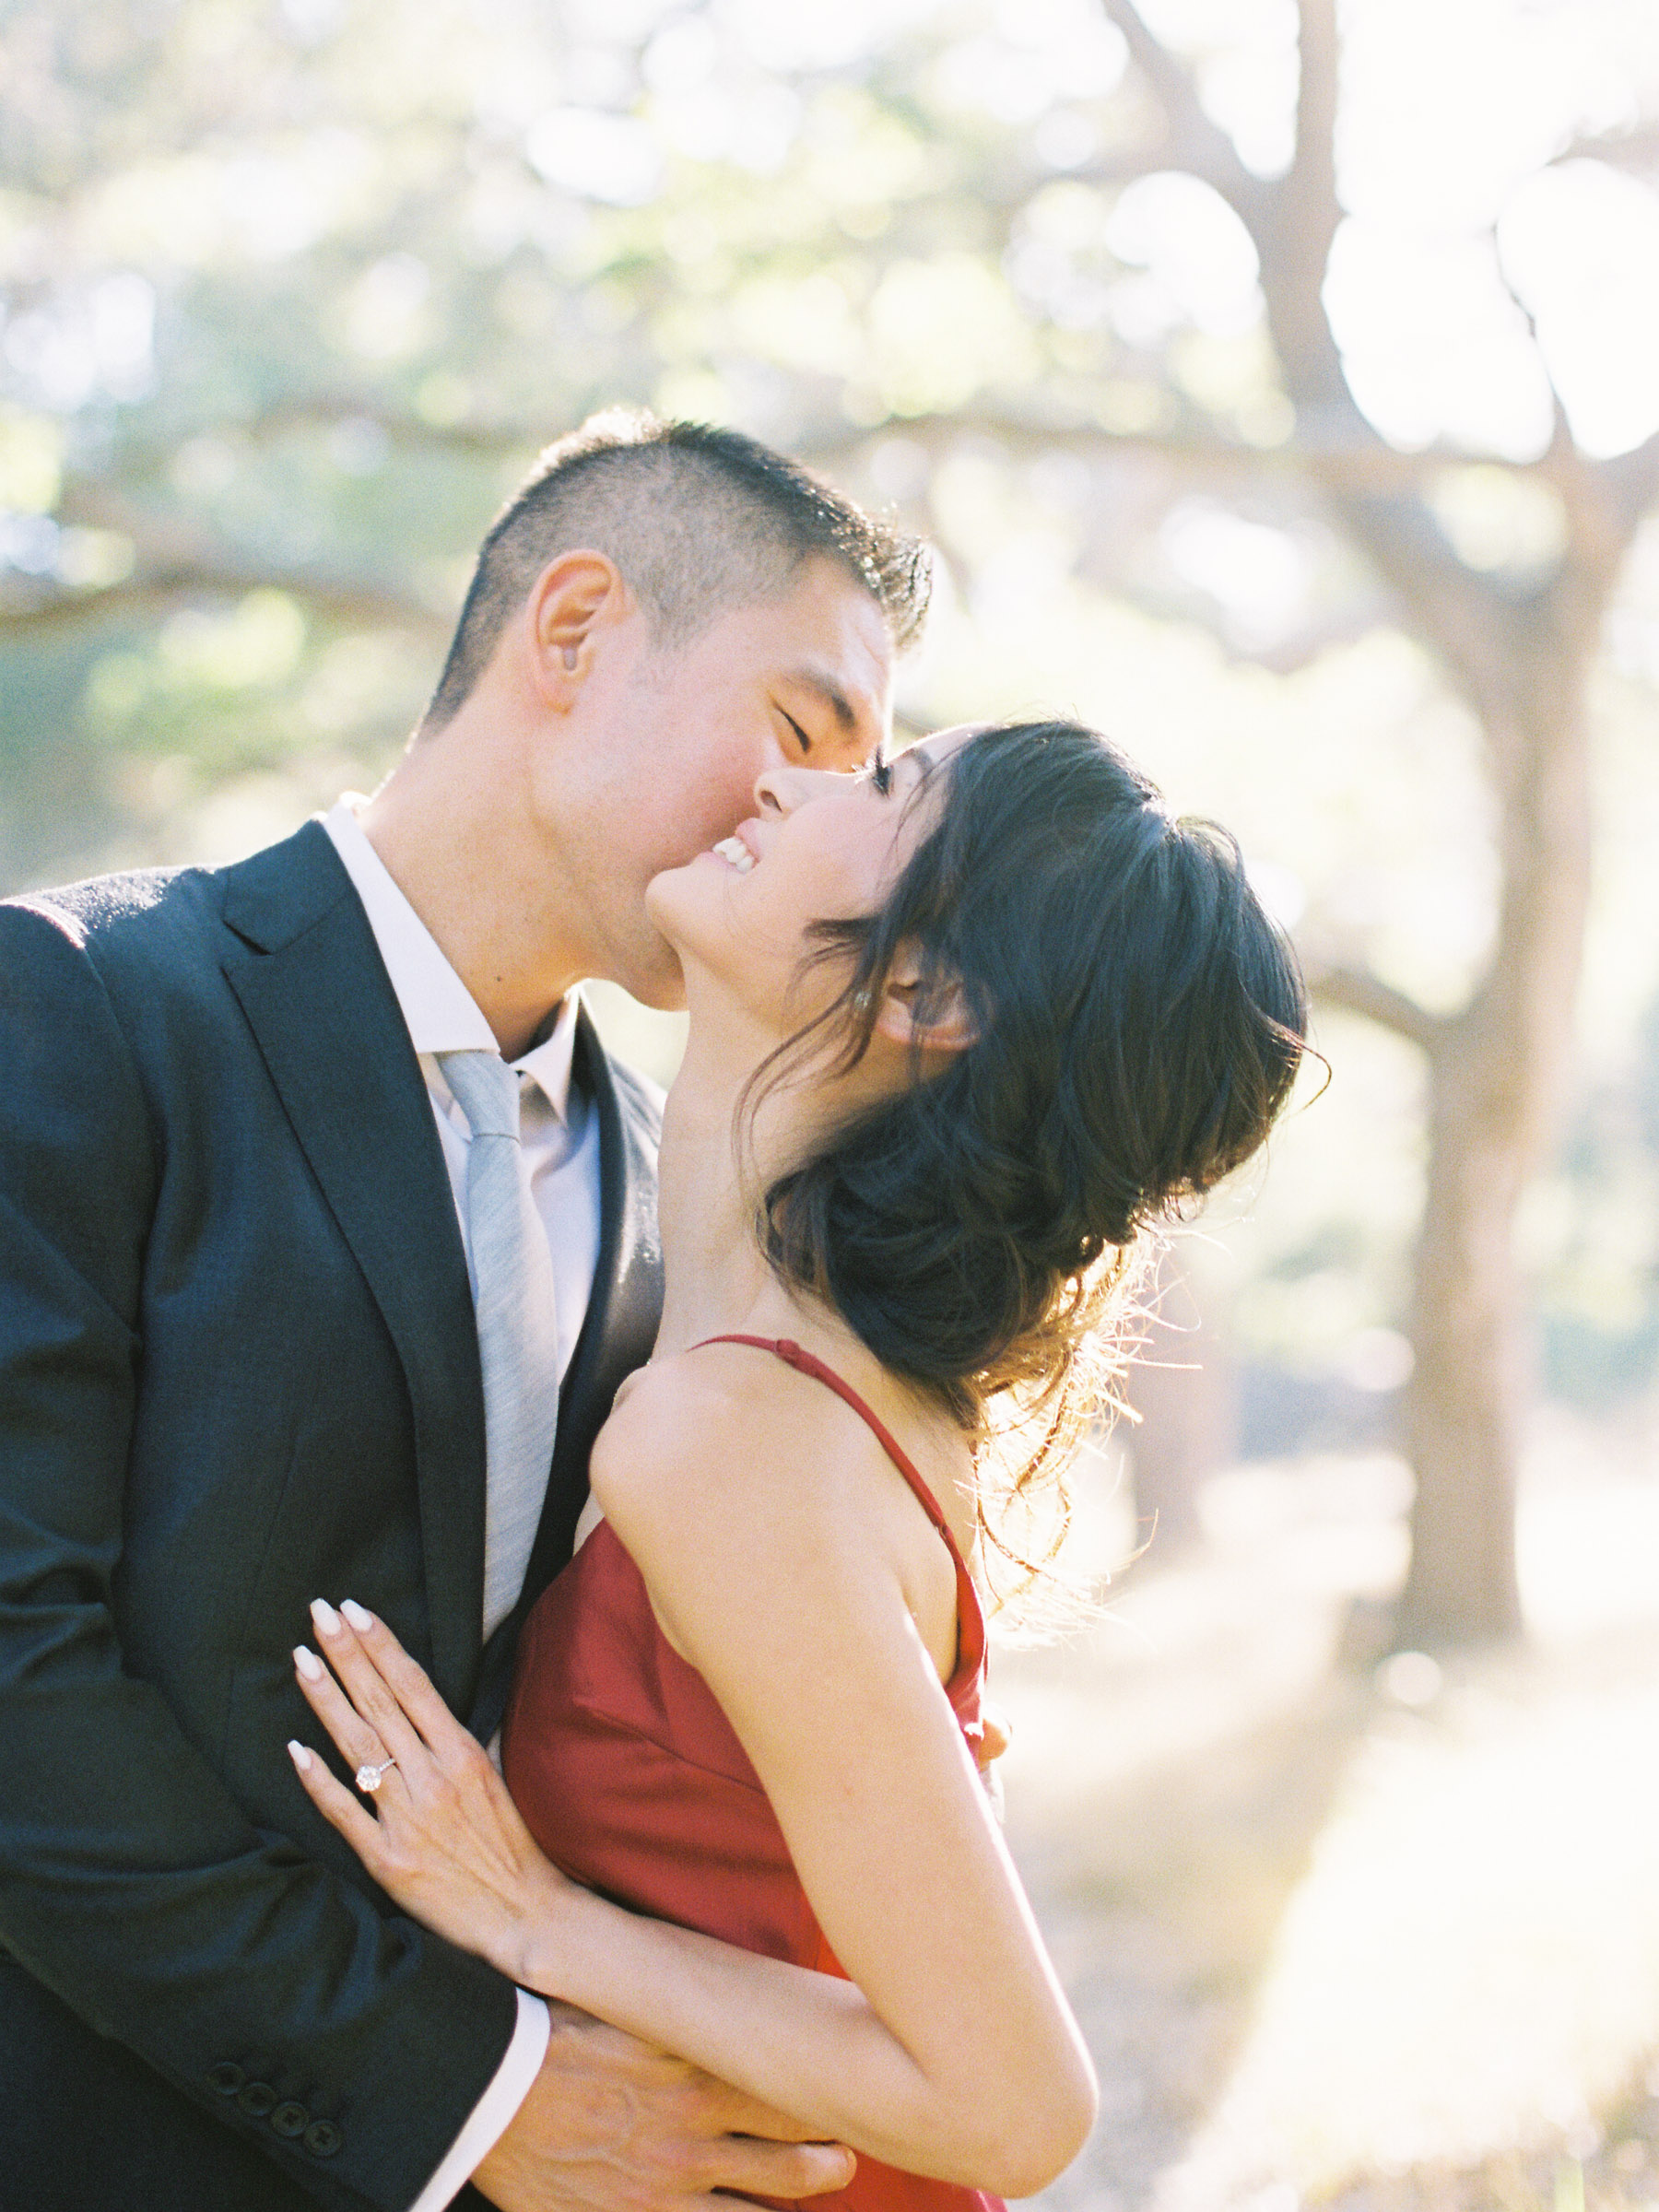 Santa-Barbara-Engagement-131-Jen-Huang-009945-R1-026.jpg